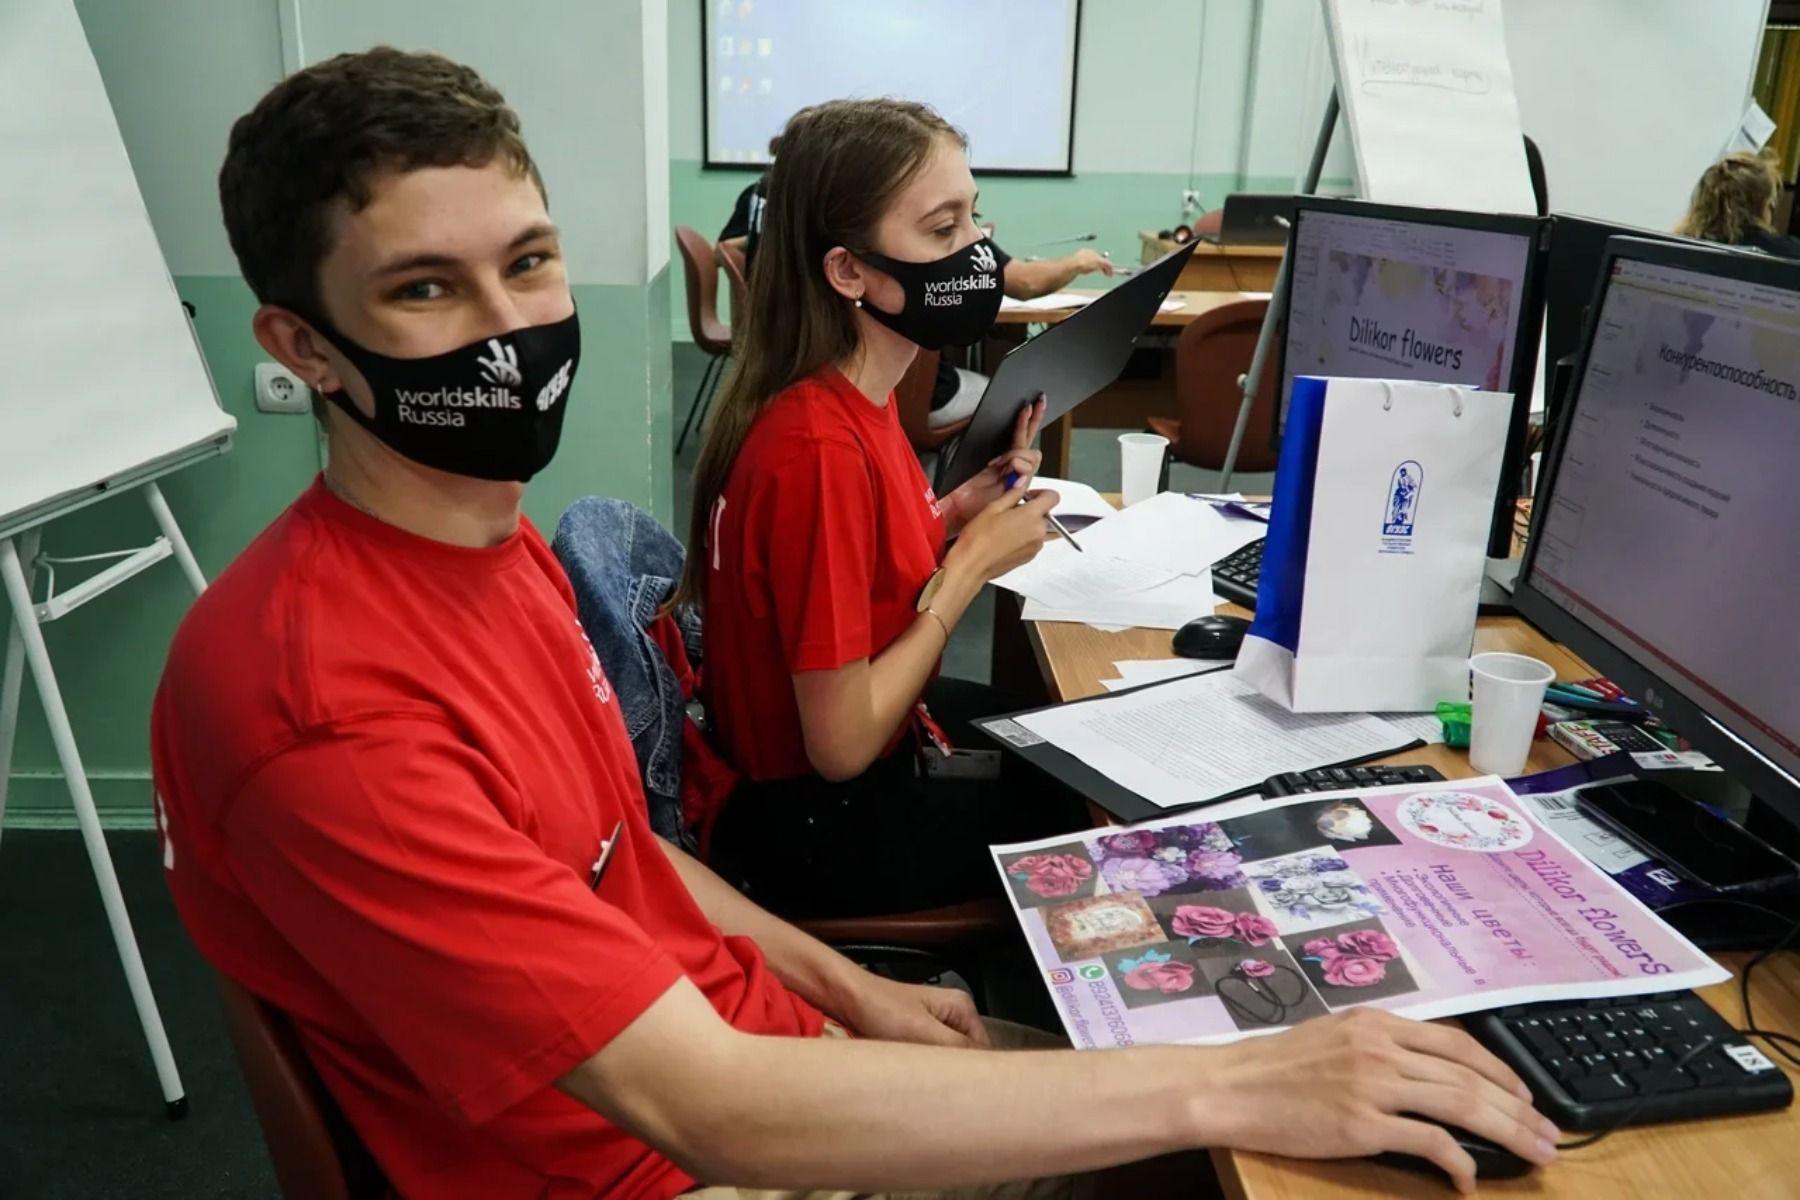 Чемпионат WorldSkills – это демоверсия профессии: во ВГУЭС прошли соревнования по компетенциям «Рекрутинг» и «Предпринимательство»